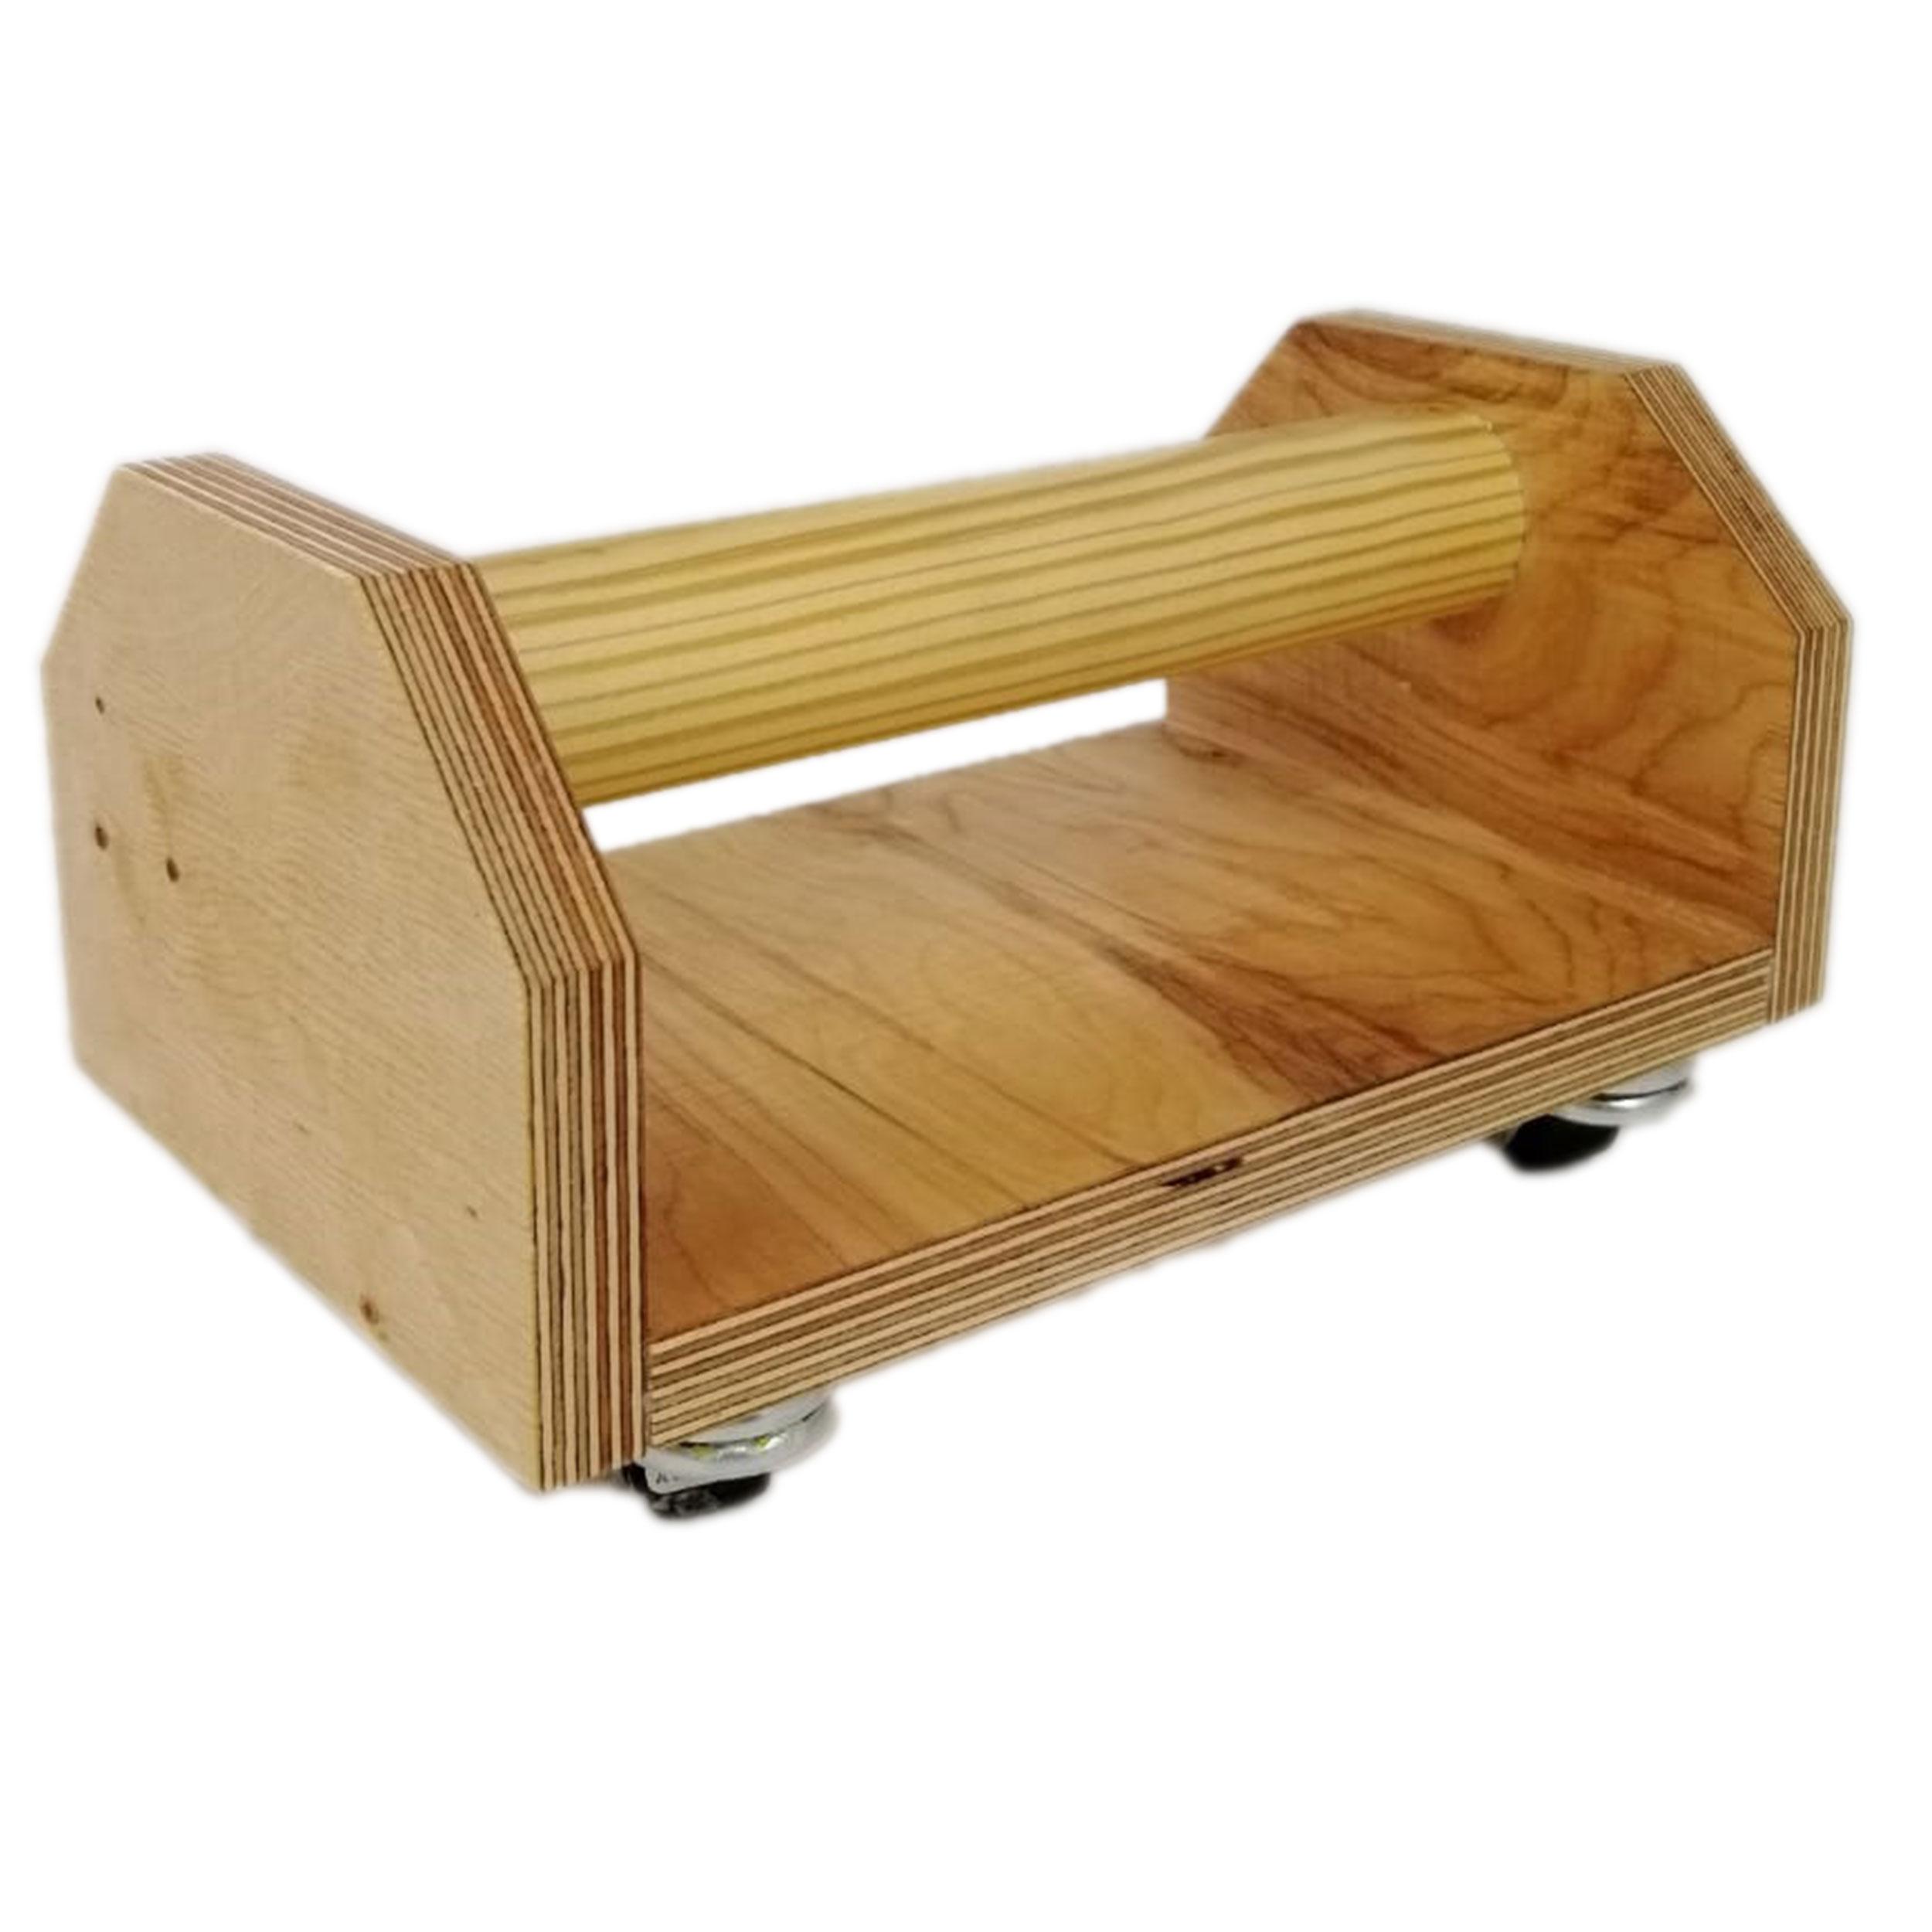 Venetto Liegestützgriffe aus Holz mit oder ohne Rollen